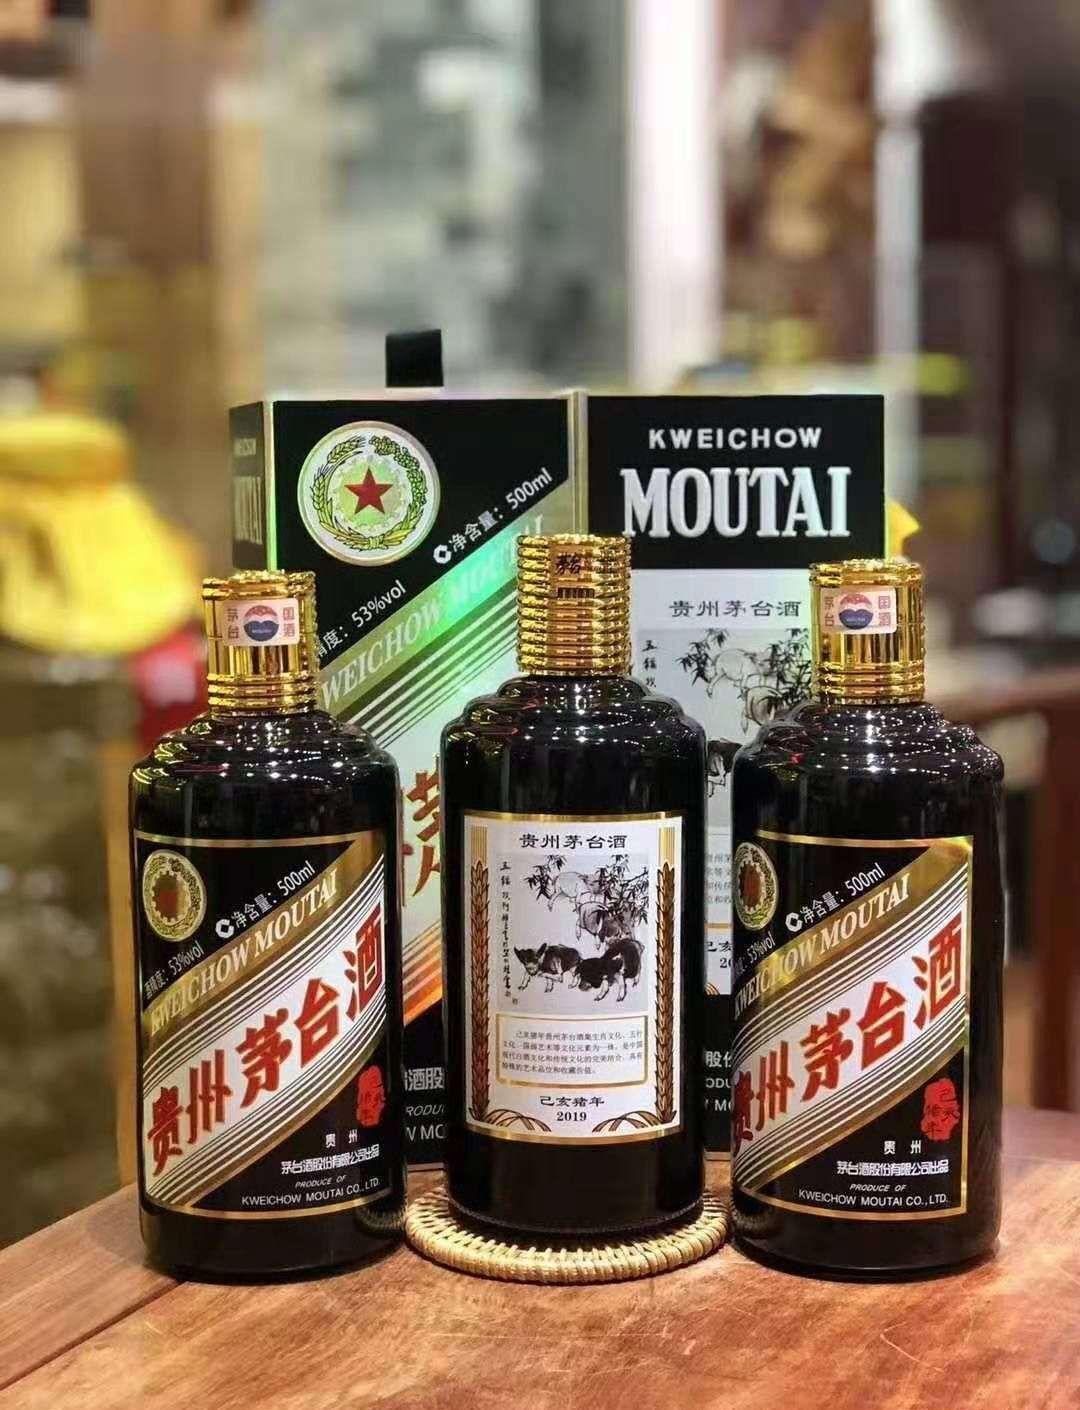 南京优质88年五星茅台酒回收在线咨询,91年飞天茅台酒回收诚信服务 信誉保障